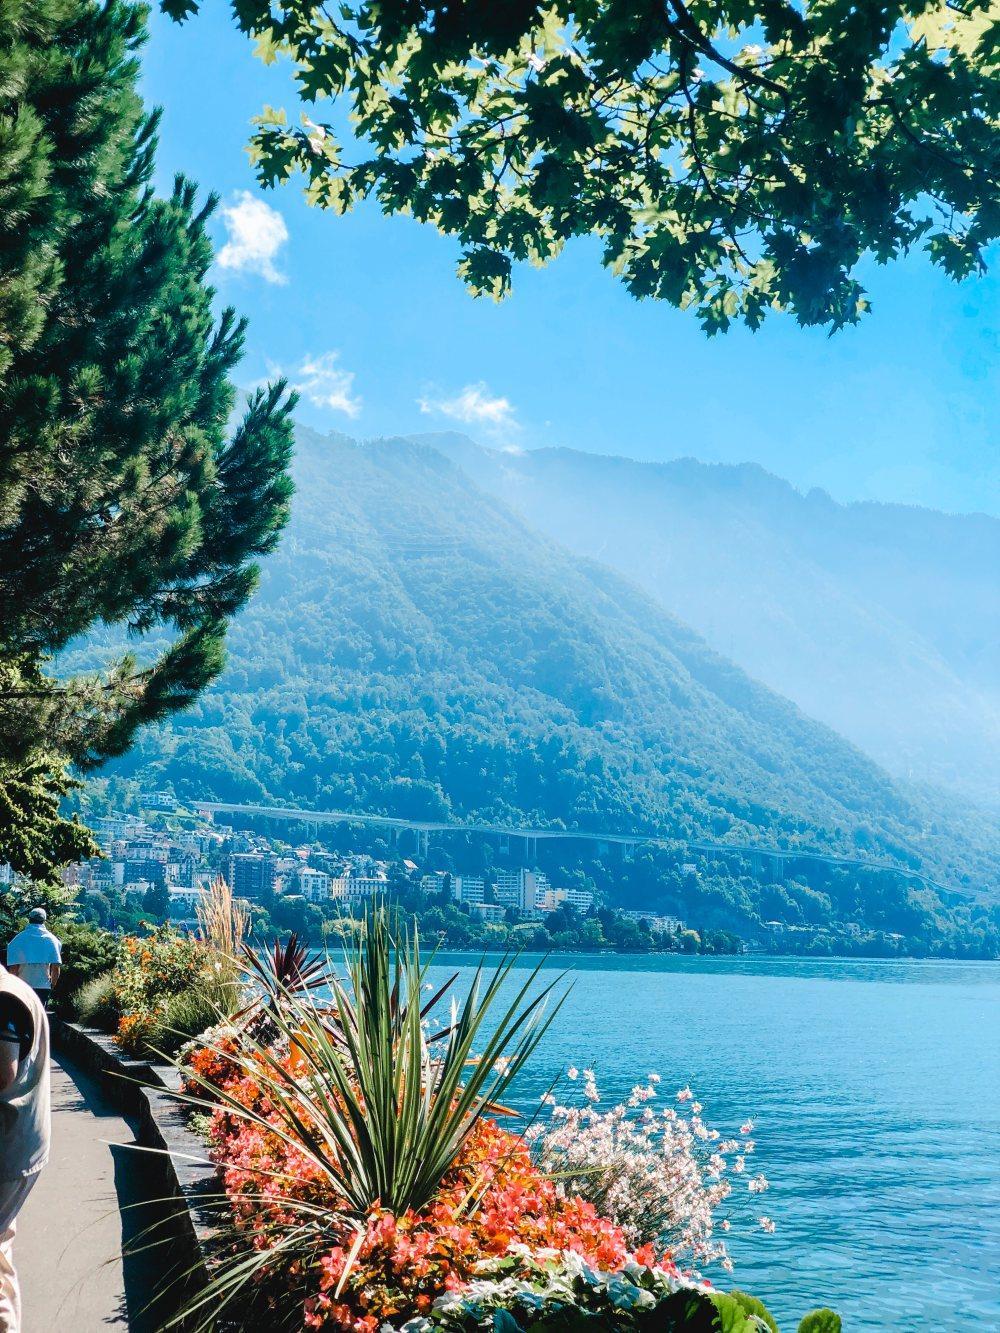 montreux-lake-view-geneva-lake